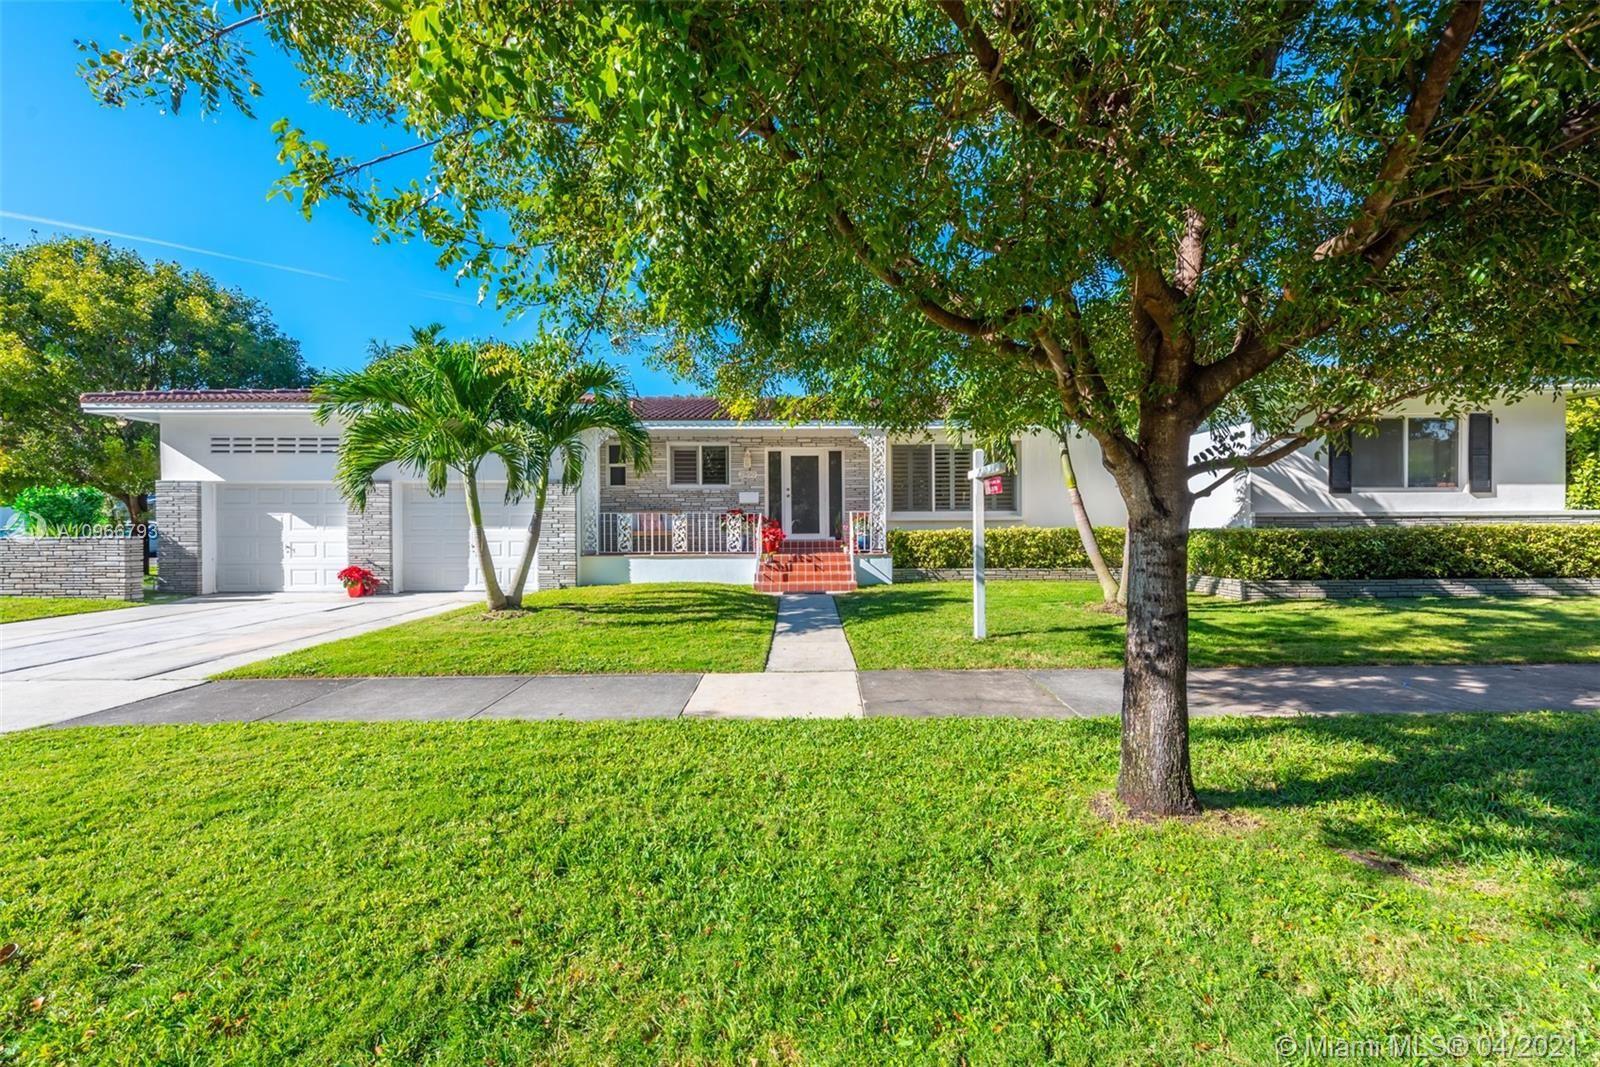 2850 SW 4th Ave, Miami, FL 33129 - #: A10966793